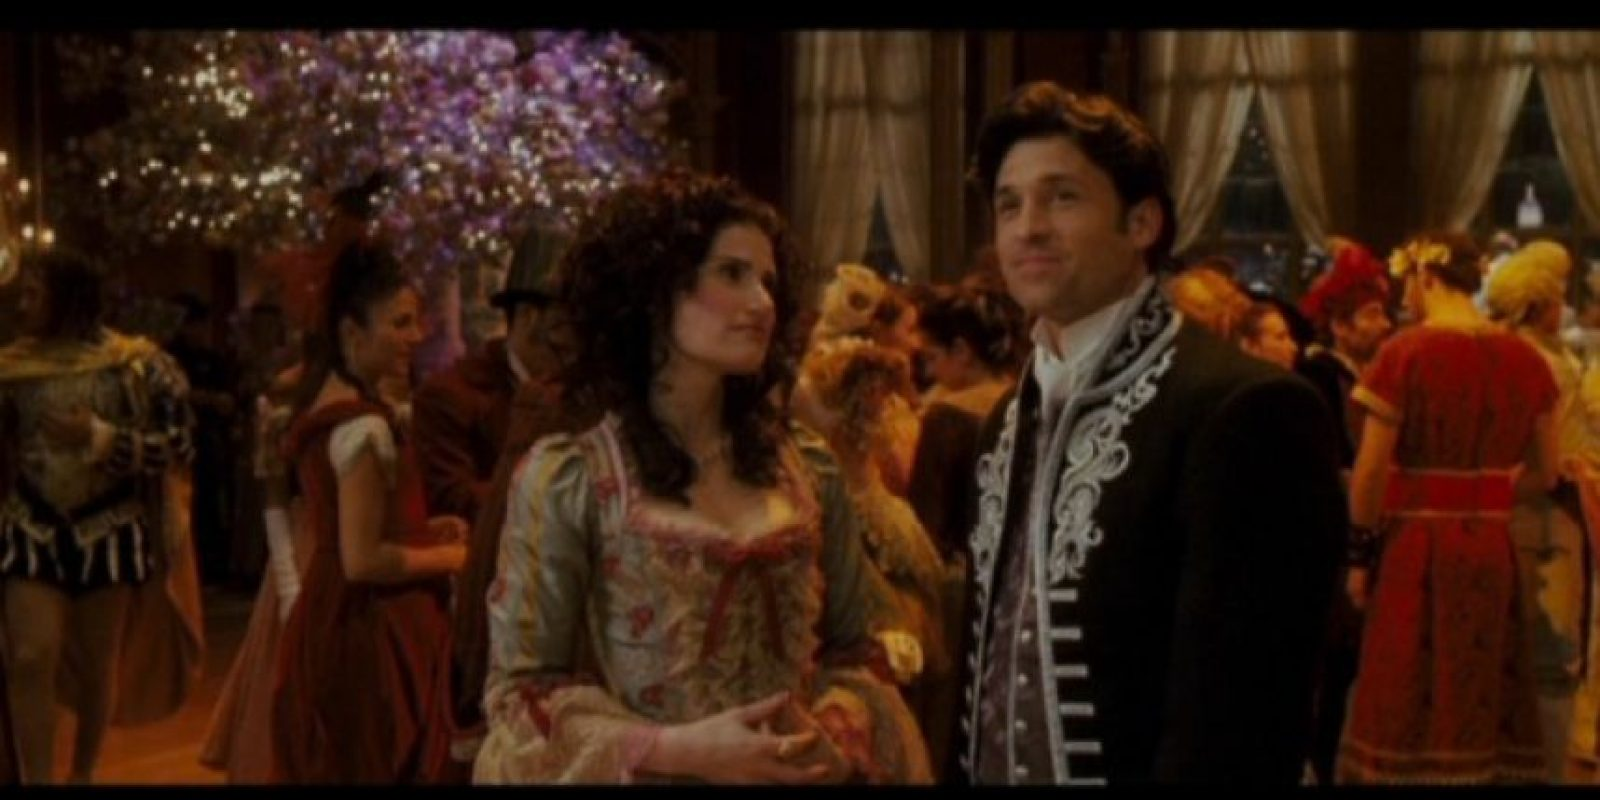 """También participó en la famosa cinta """"Enchanted"""" de Disney, junto a Amy Adams y Patrick Dempsey. Foto:YouTube"""